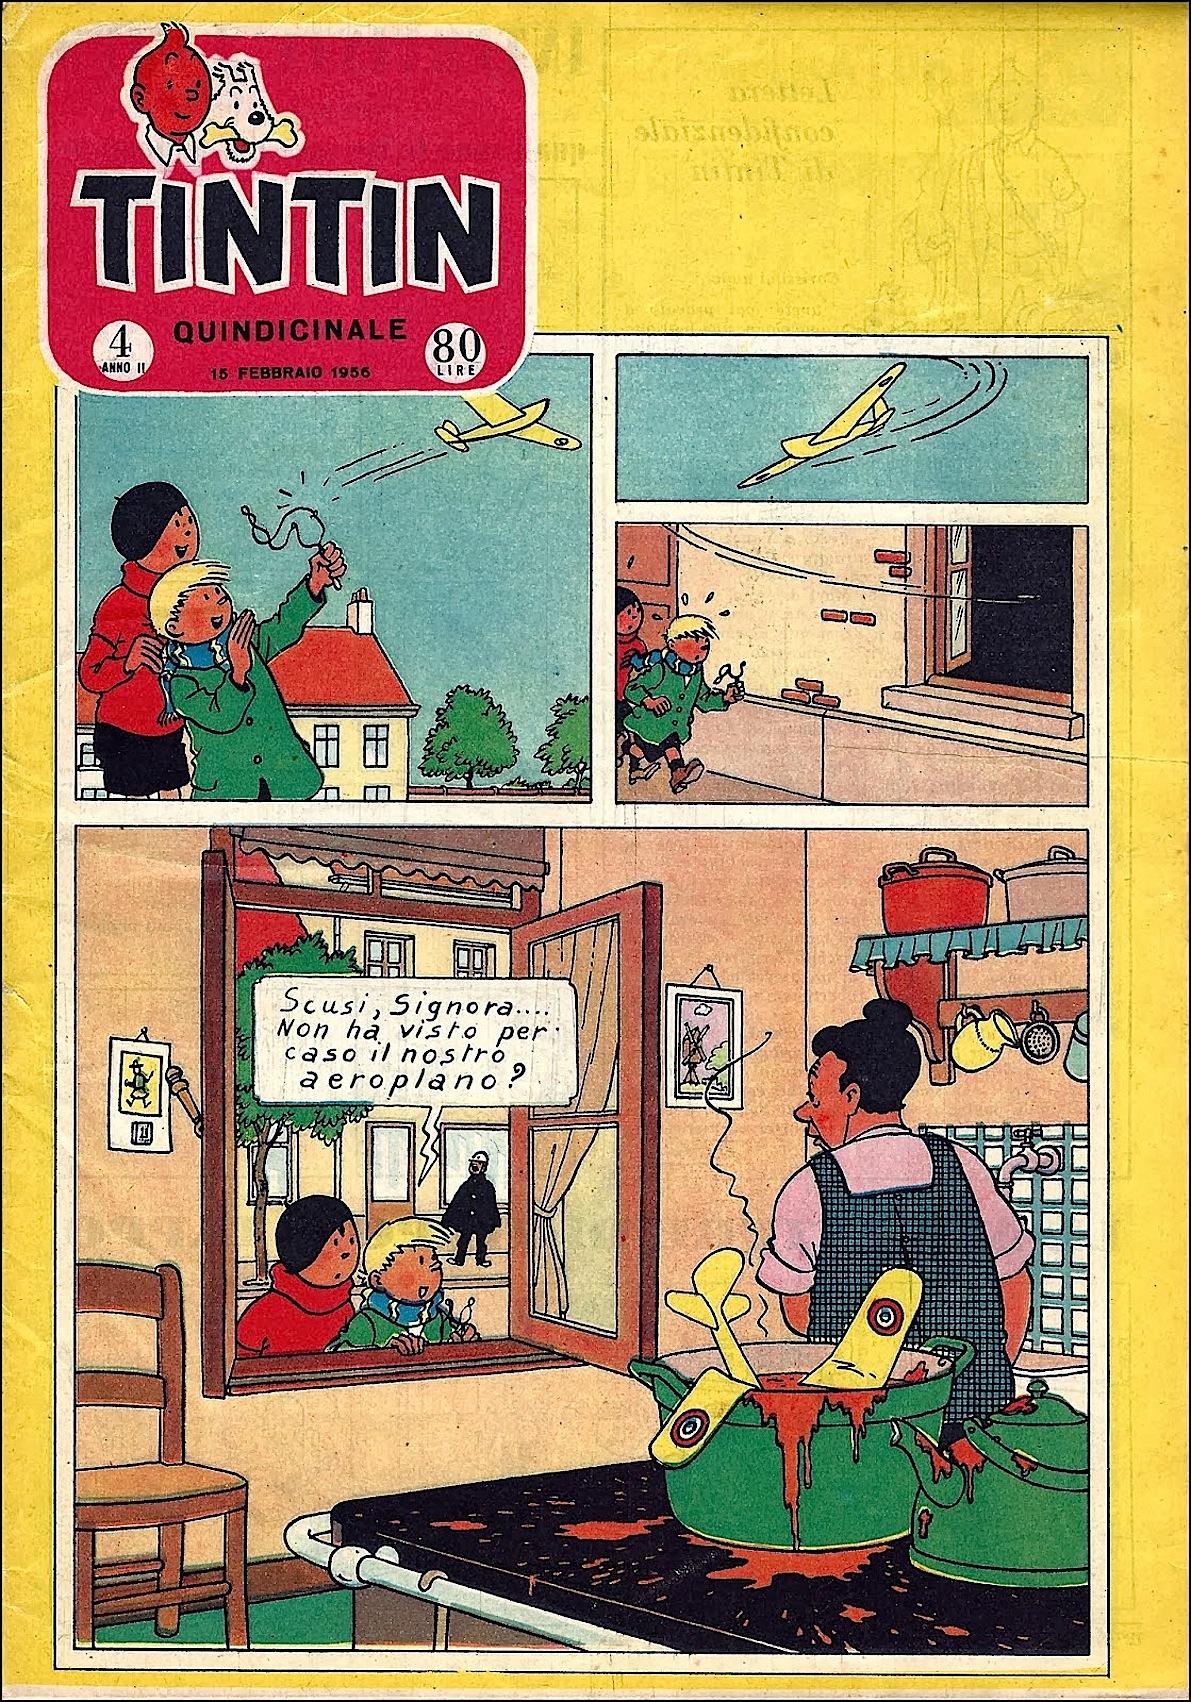 Tintin-anni-50